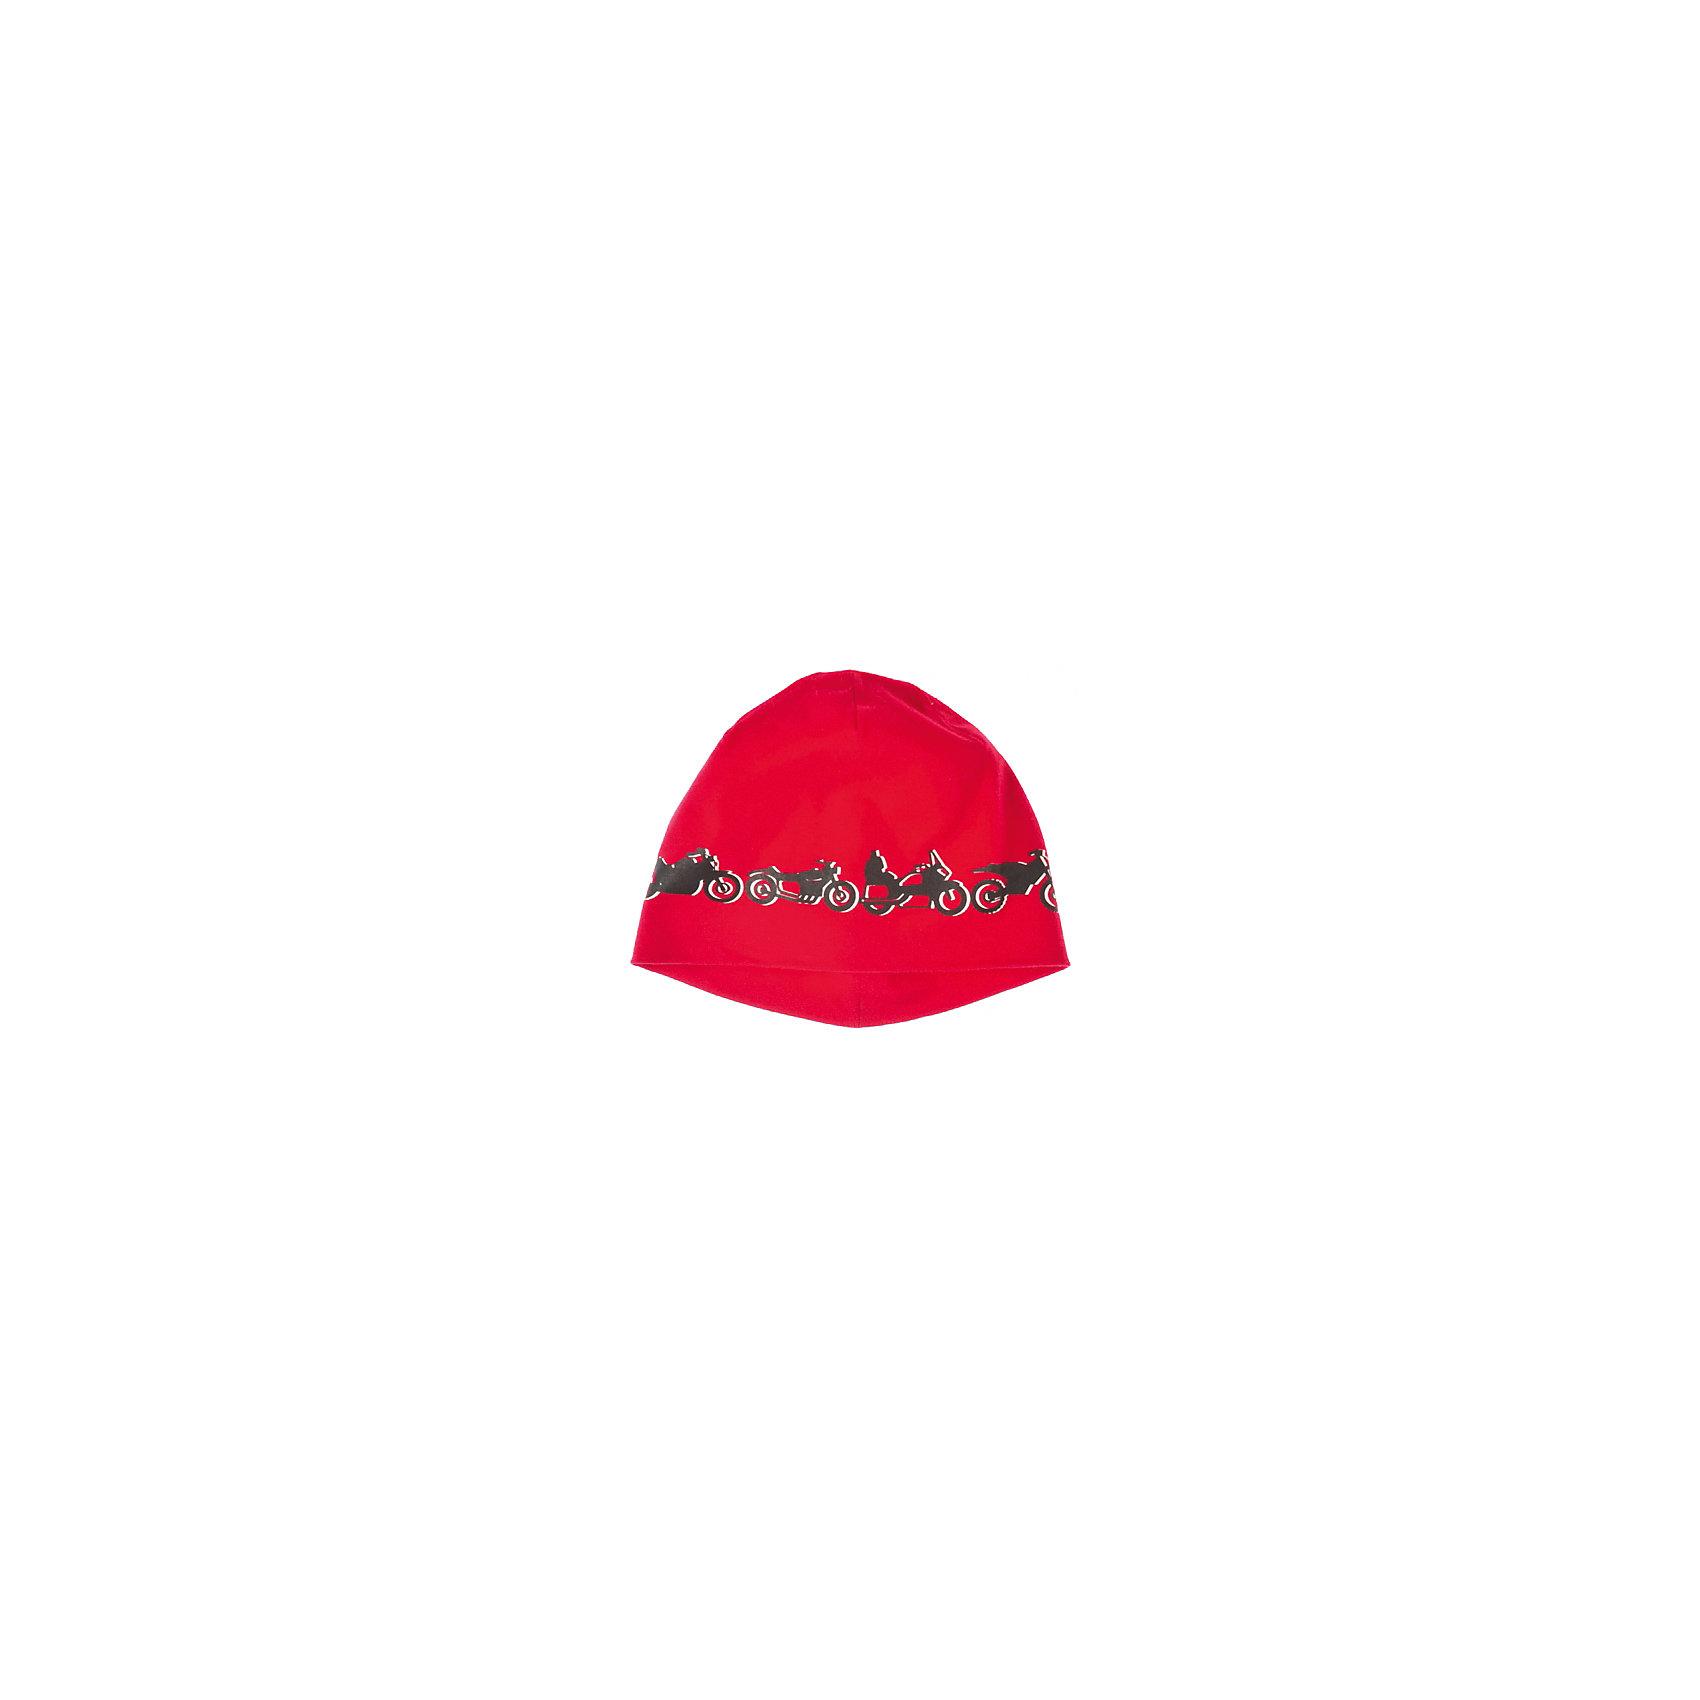 Шапка для мальчика PlayTodayШапка для мальчика PlayToday Яркая шапка для мальчика. Декорирована принтом с изображением мотоциклов. Состав: 95% хлопок, 5% эластан<br><br>Ширина мм: 89<br>Глубина мм: 117<br>Высота мм: 44<br>Вес г: 155<br>Цвет: красный<br>Возраст от месяцев: 24<br>Возраст до месяцев: 36<br>Пол: Мужской<br>Возраст: Детский<br>Размер: 50,54,52<br>SKU: 4227613